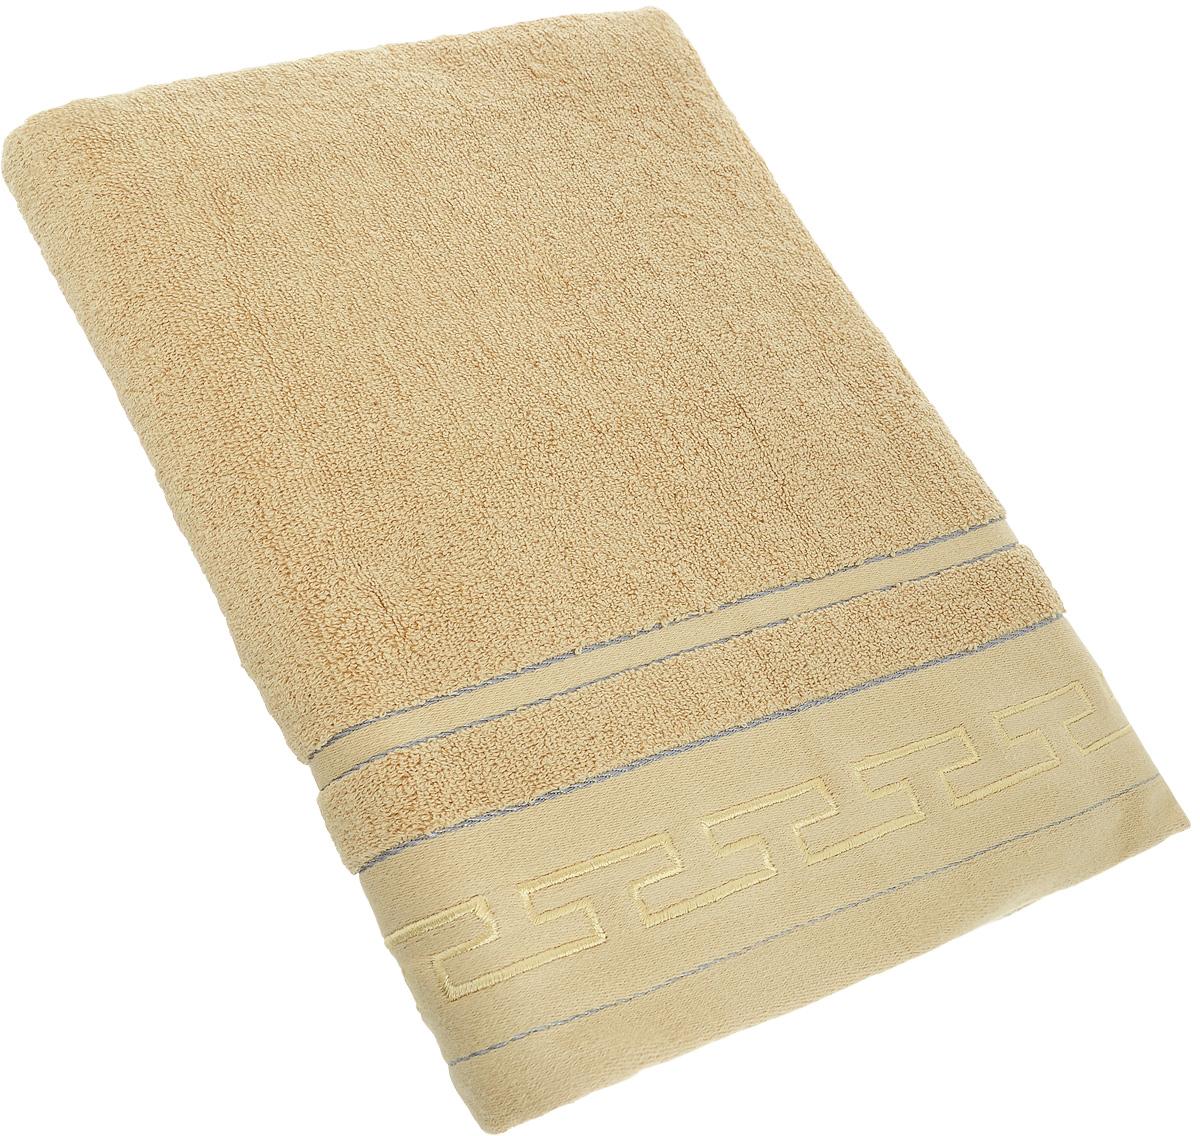 Полотенце Arya Foresta, цвет: светло-коричневый, 50 х 100 смS03301004Полотенце Arya Foresta выполнено из 100% хлопка. Изделие отлично впитывает влагу, быстро сохнет, сохраняет яркость цвета и не теряет форму даже после многократных стирок. Такое полотенце очень практично и неприхотливо в уходе. Оно создаст прекрасное настроение и украсит интерьер в ванной комнате.